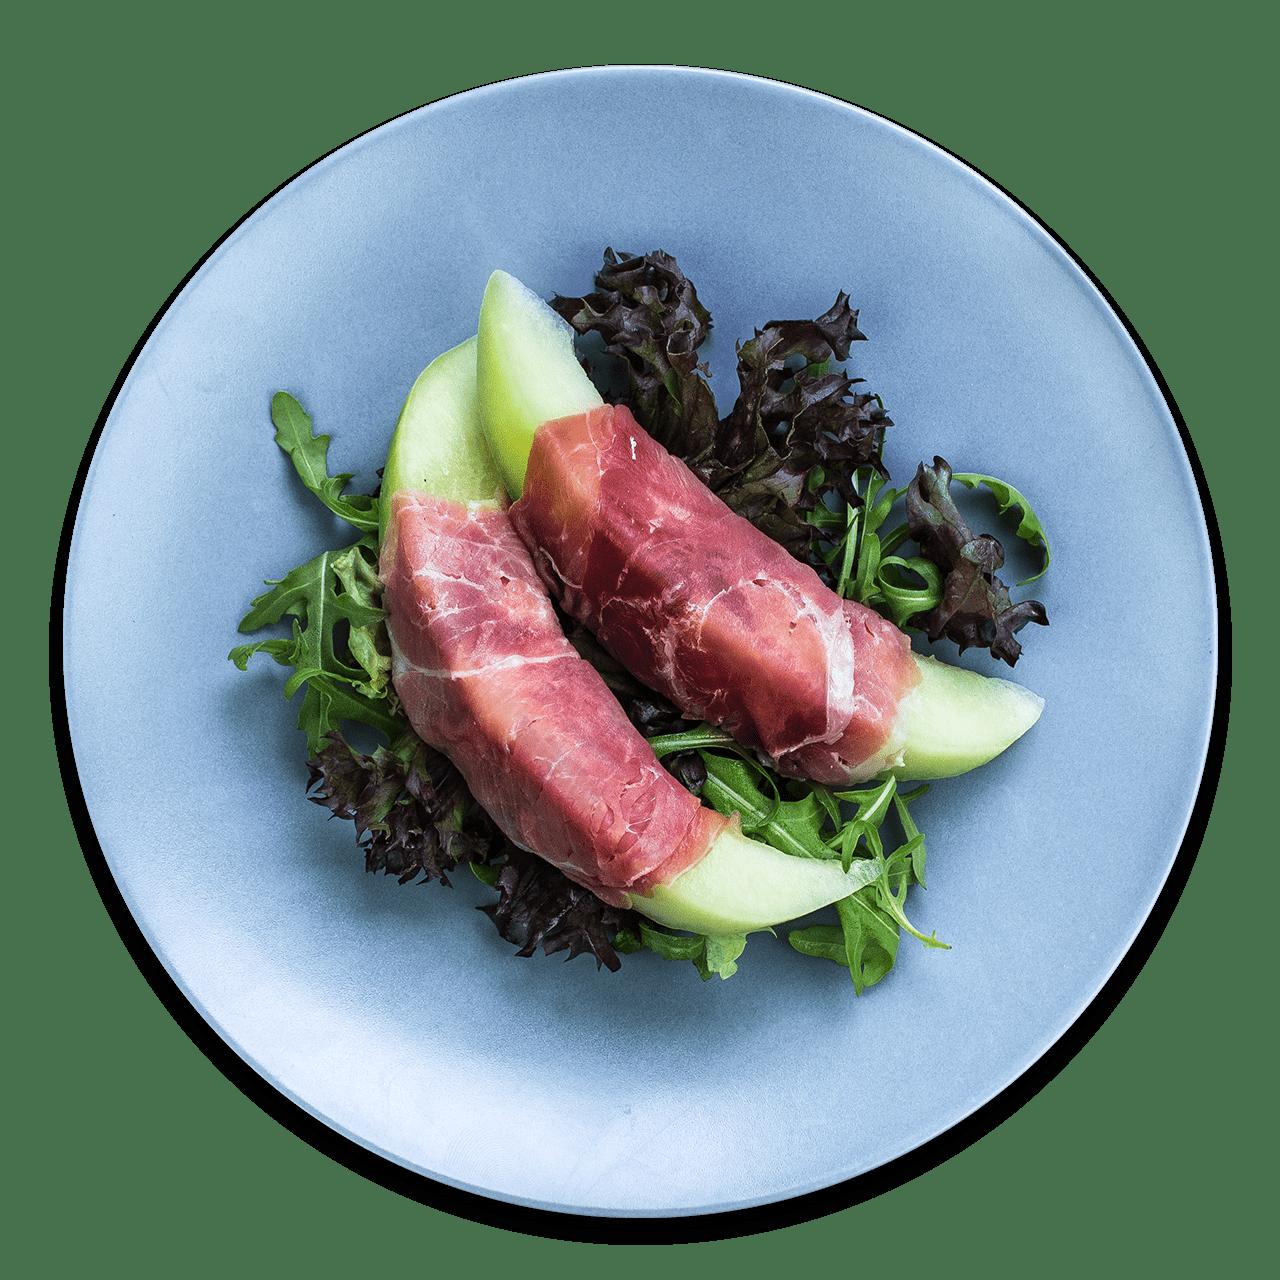 tostibanaan-meloen-serranoham